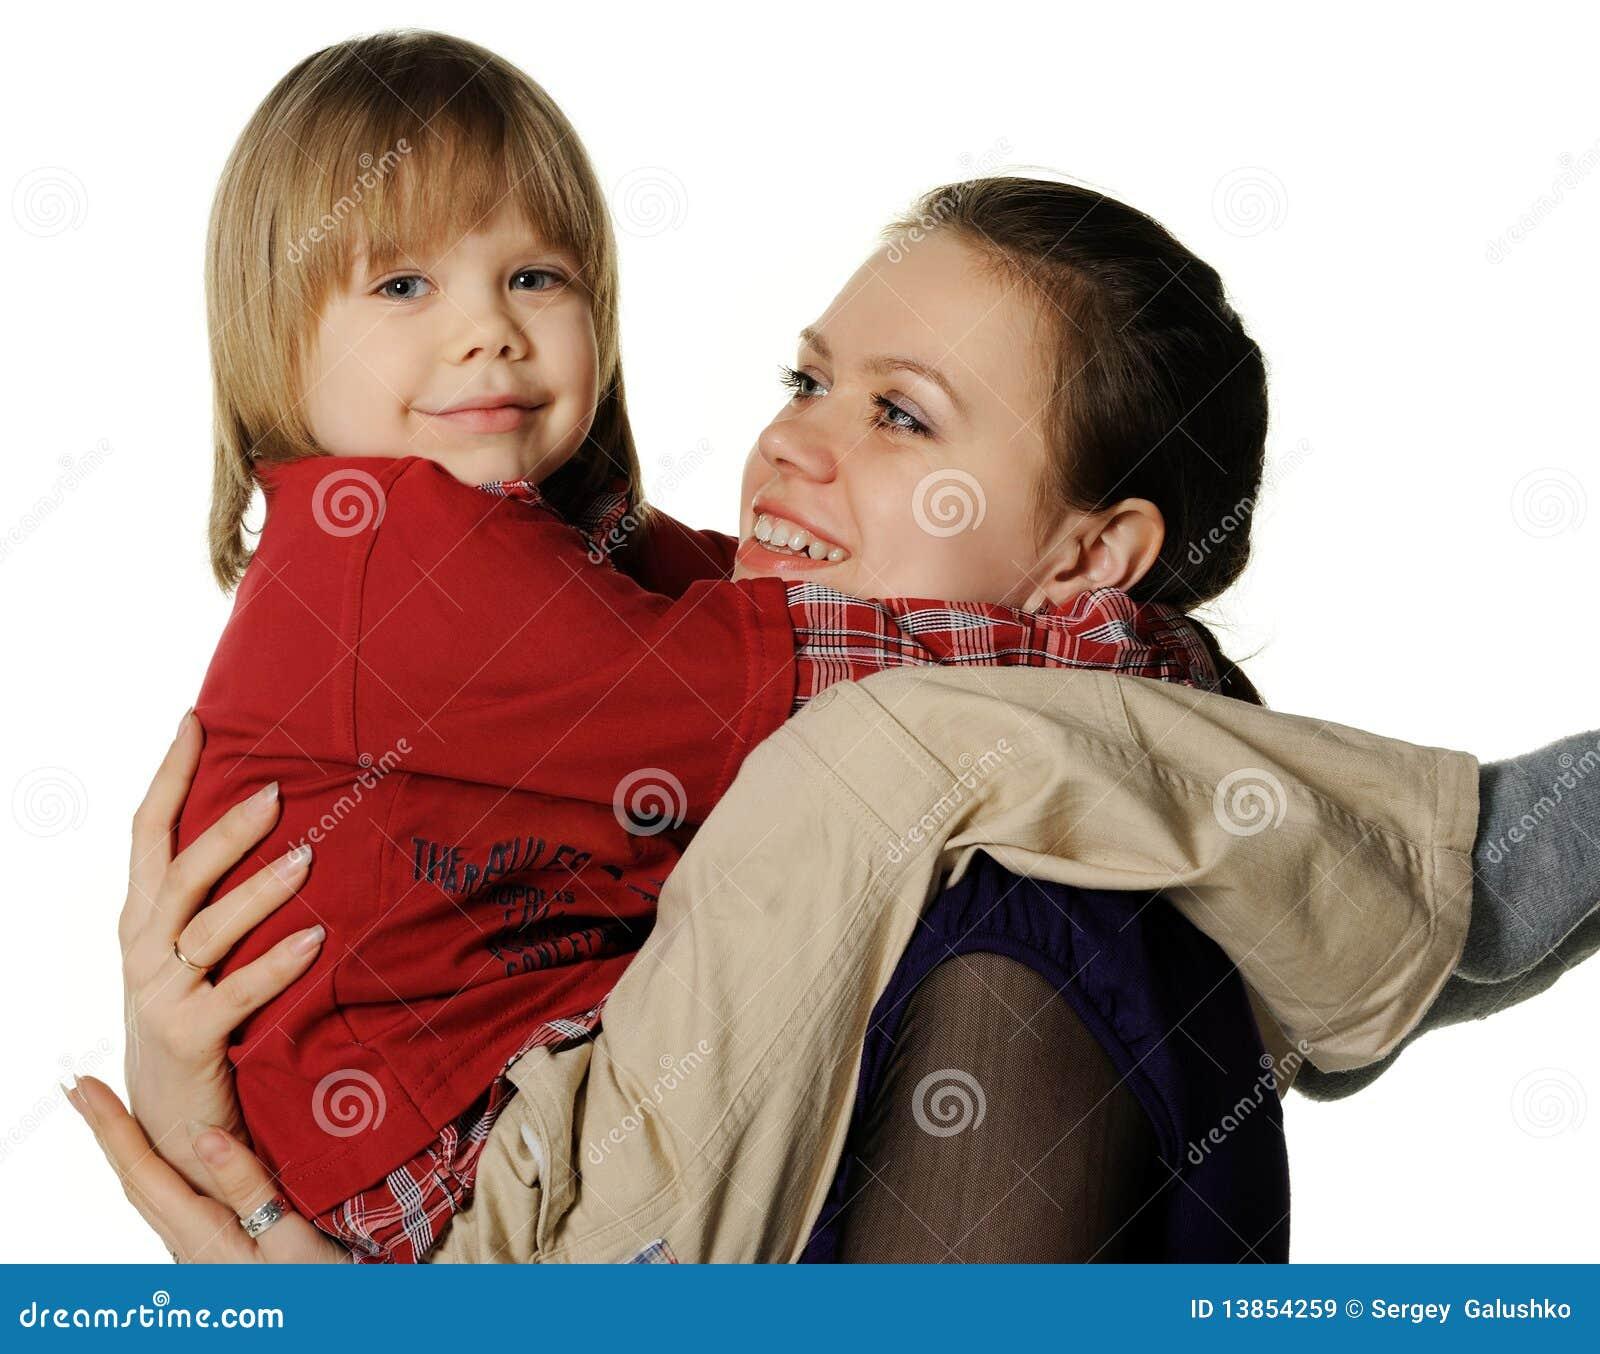 Русский сайт мама с сыном 19 фотография